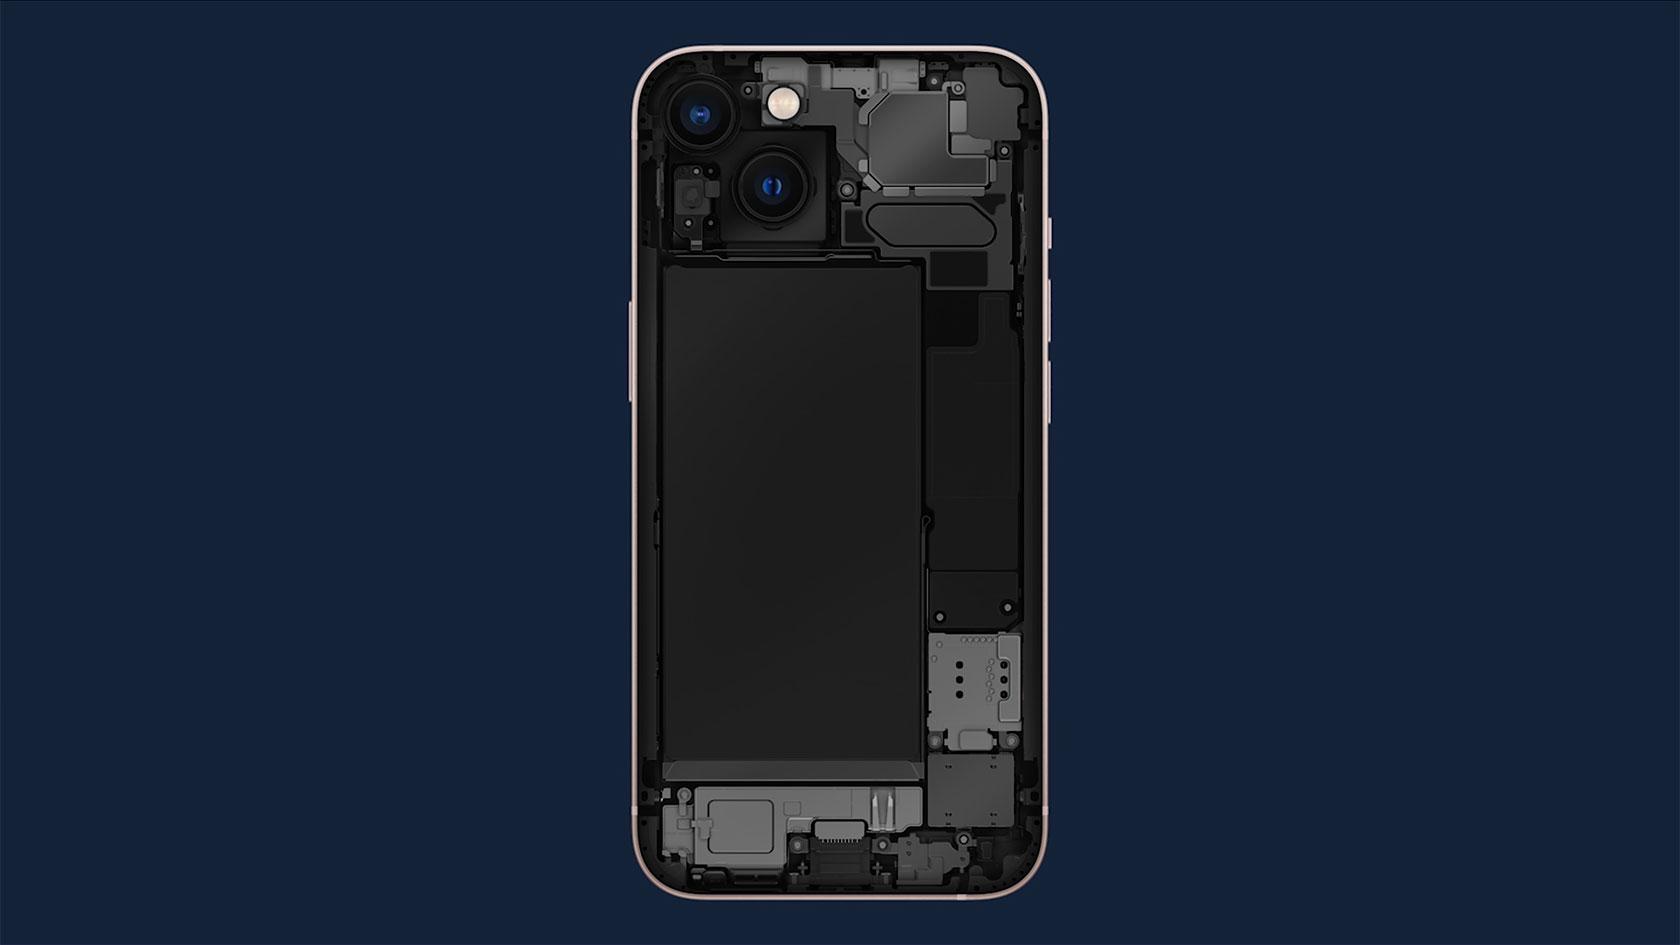 iphone 13 - photo #21